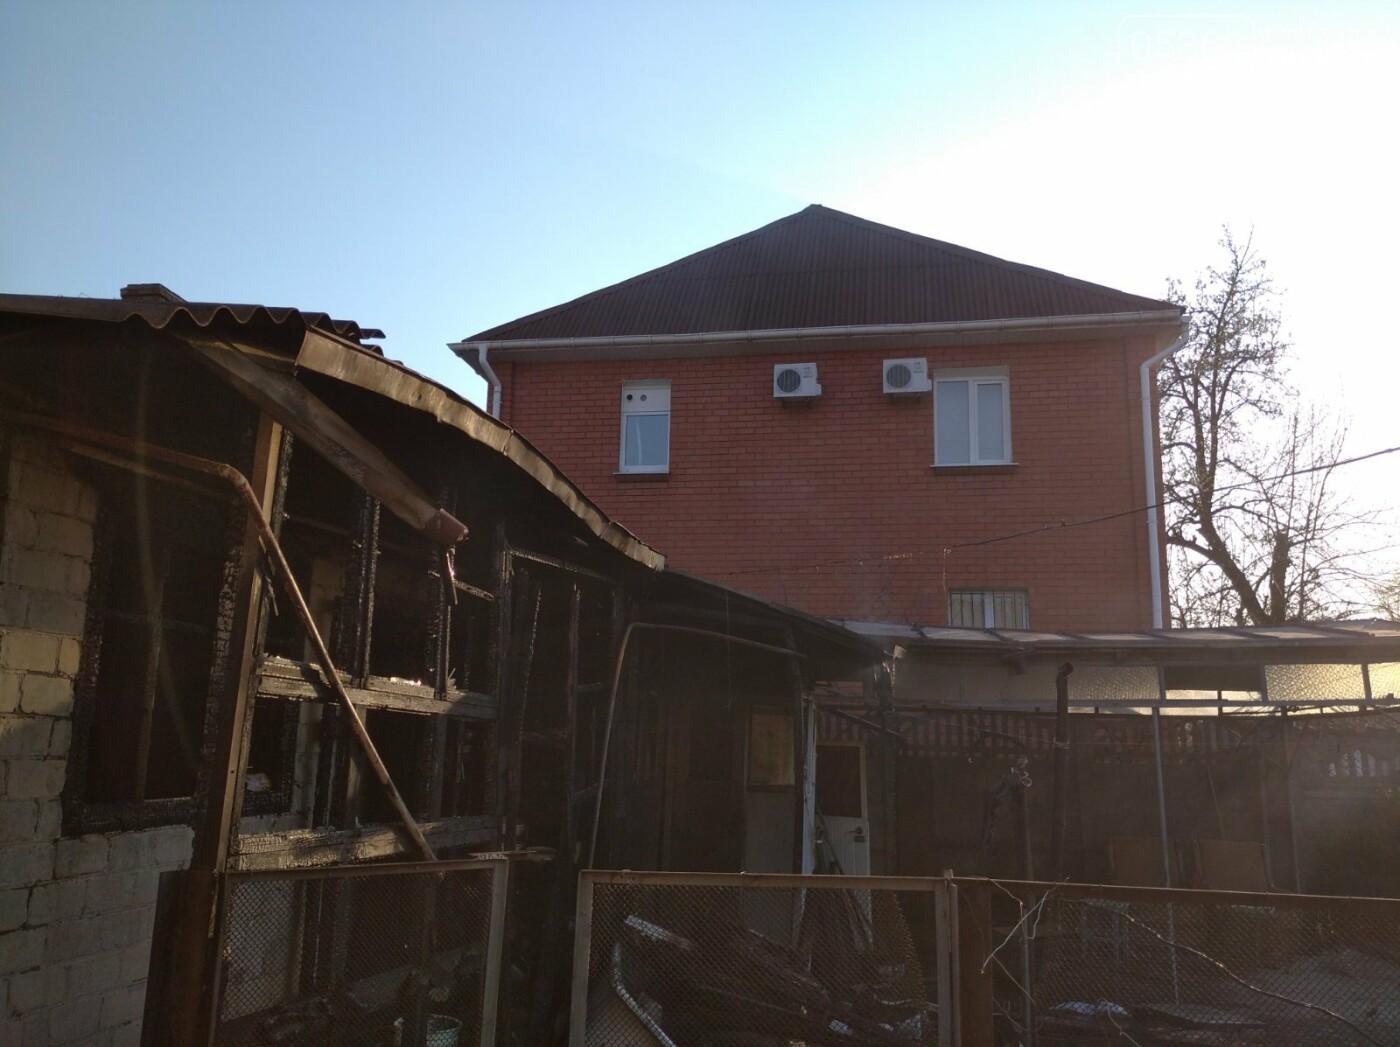 У Кременчуці спалахнула пожежа у приватному будинку на Сумській. Фото , фото-2